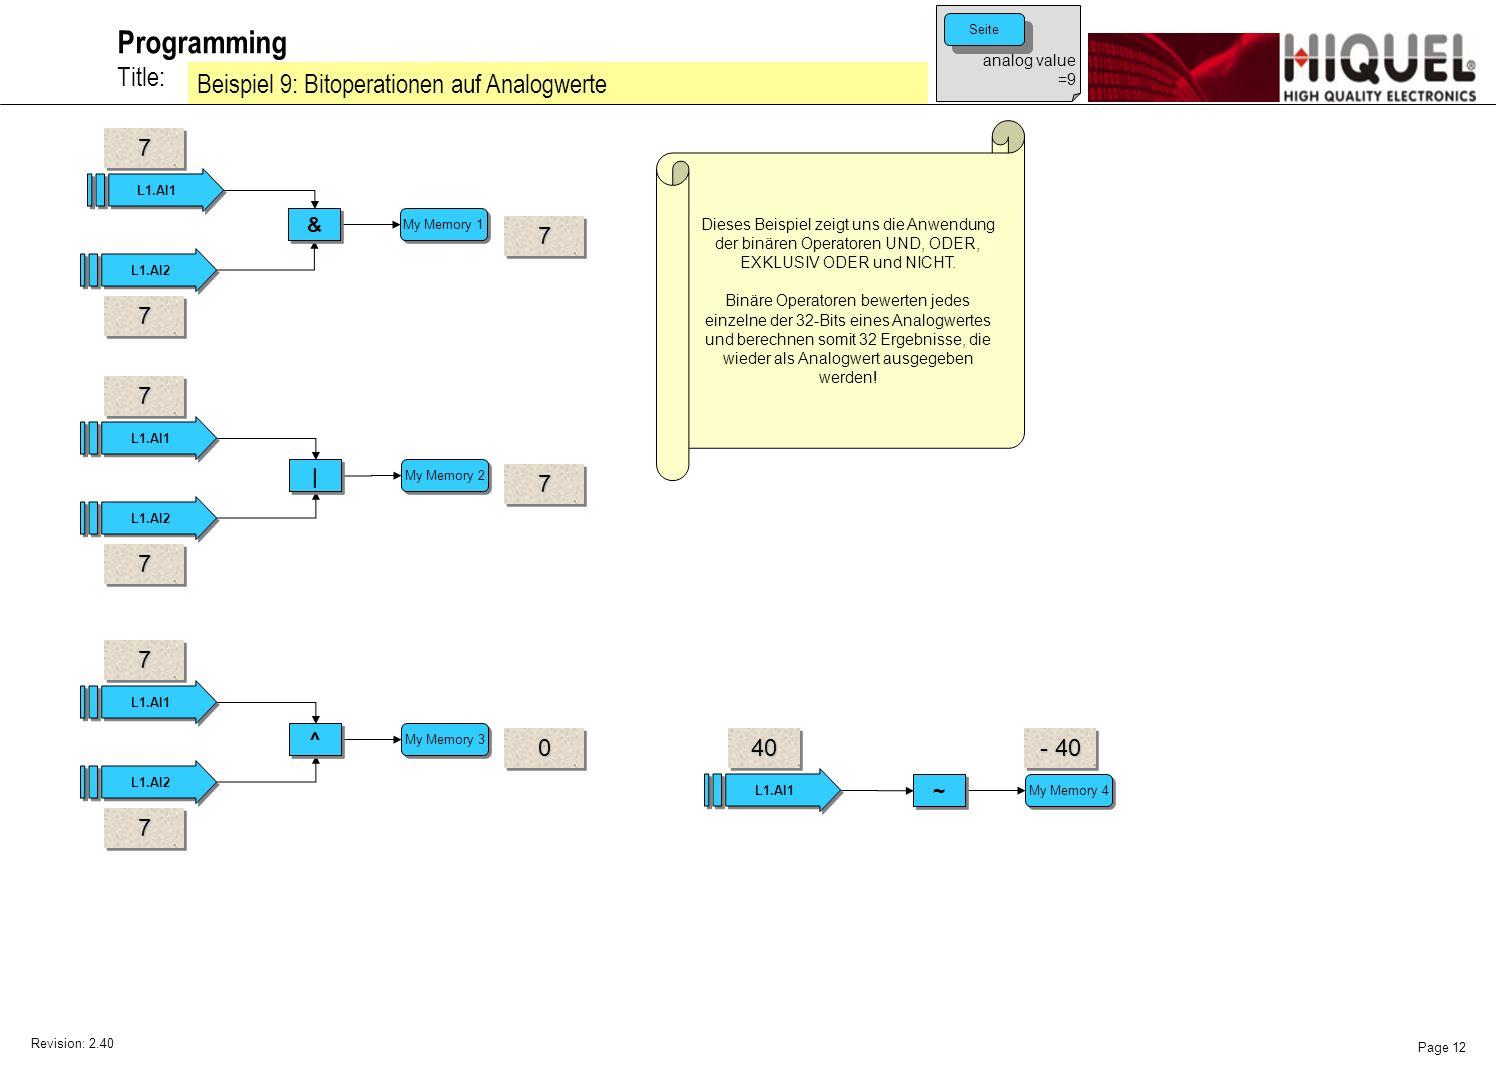 Revision: 2.40 Page 12 Title: Programming Beispiel 9: Bitoperationen auf Analogwerte Dieses Beispiel zeigt uns die Anwendung der binären Operatoren UND, ODER, EXKLUSIV ODER und NICHT.